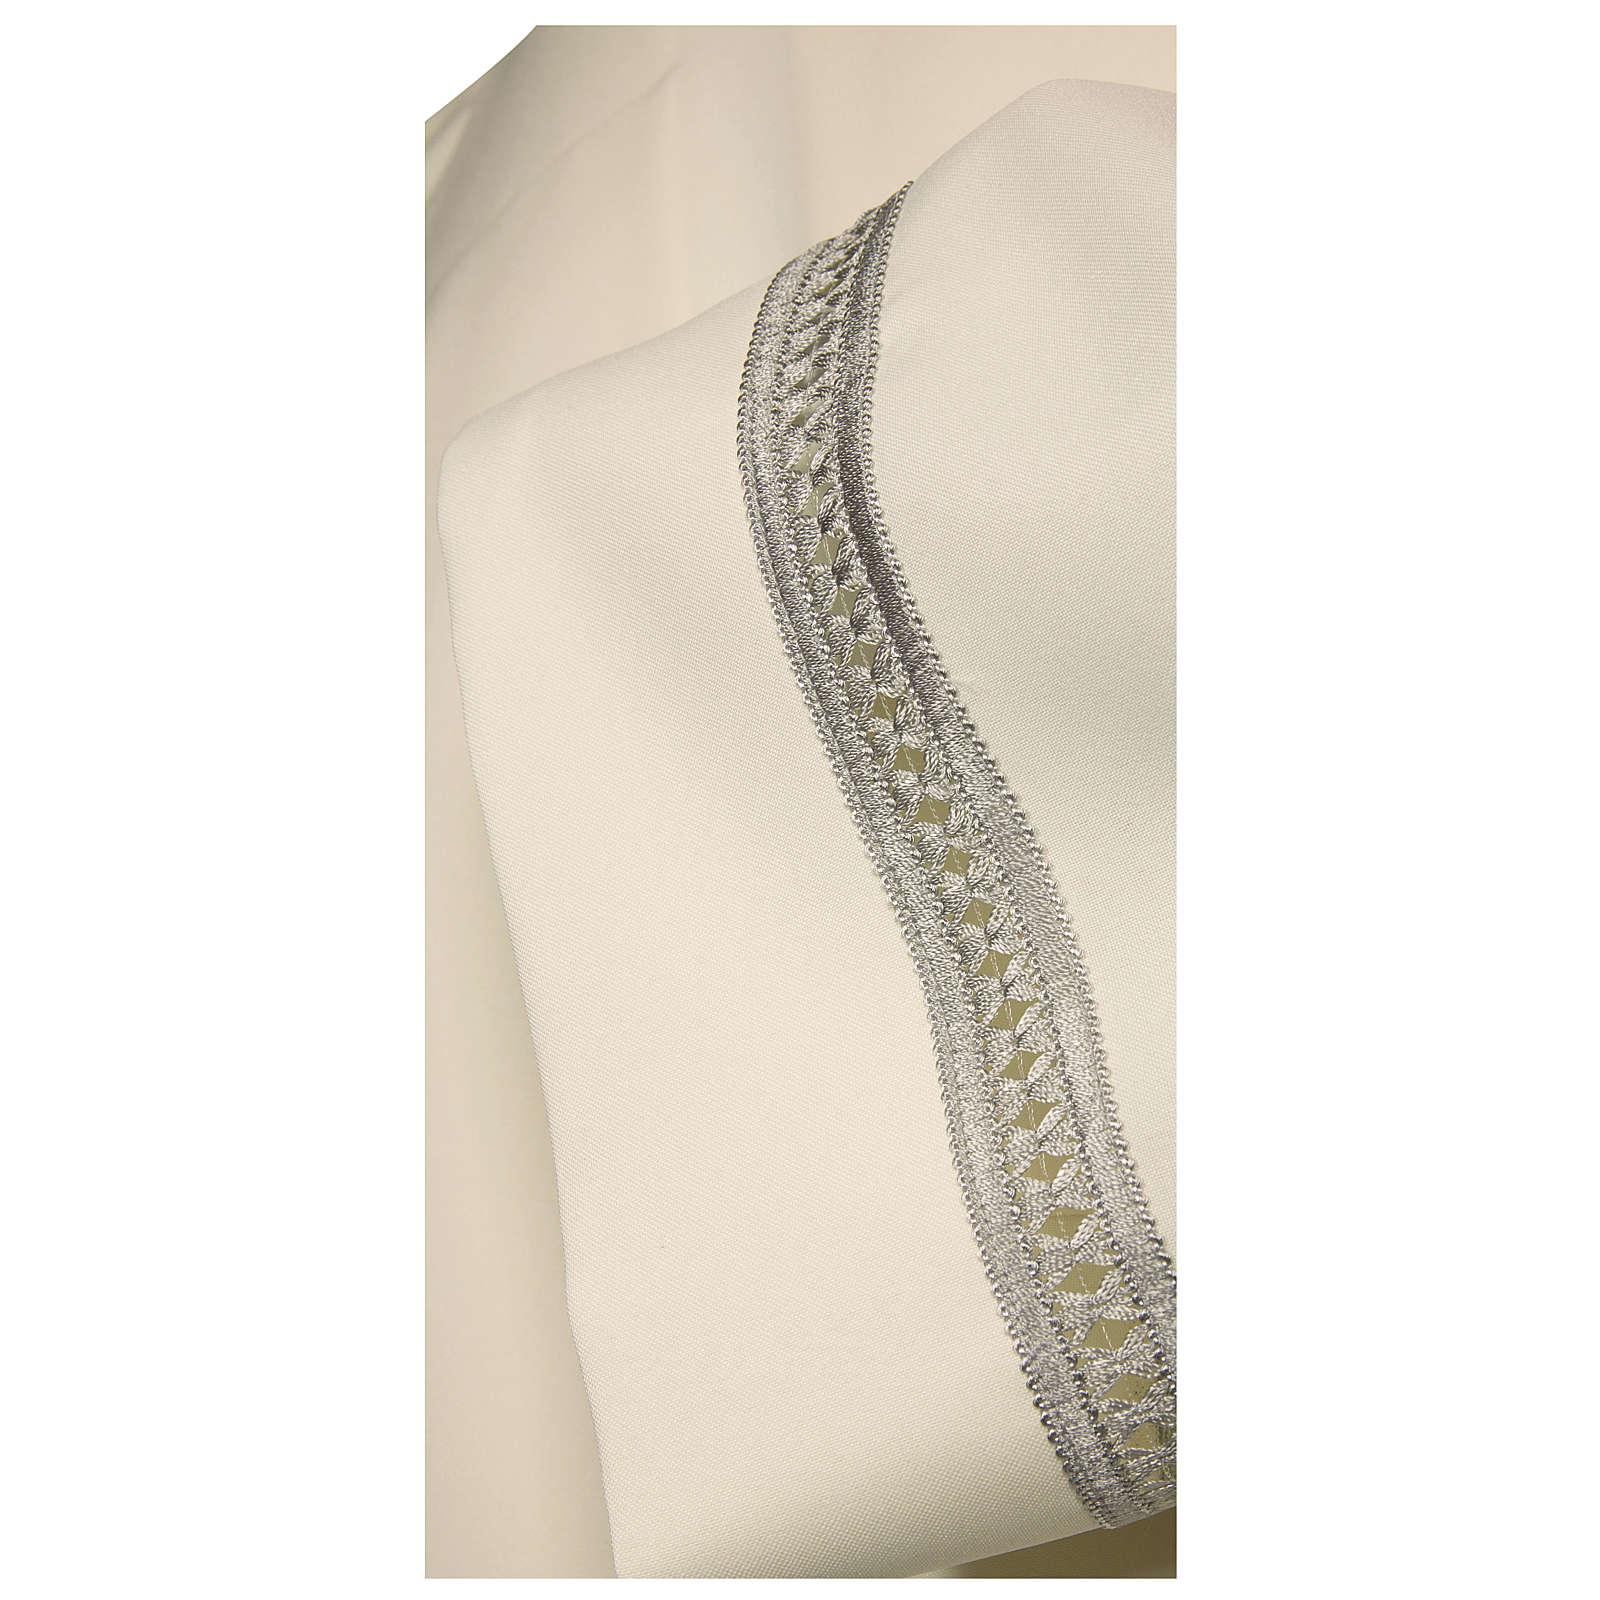 Alba 65% poliester 35% bawełna kość słoniowa koronka srebrna maszynowa zamek na ramieniu 4